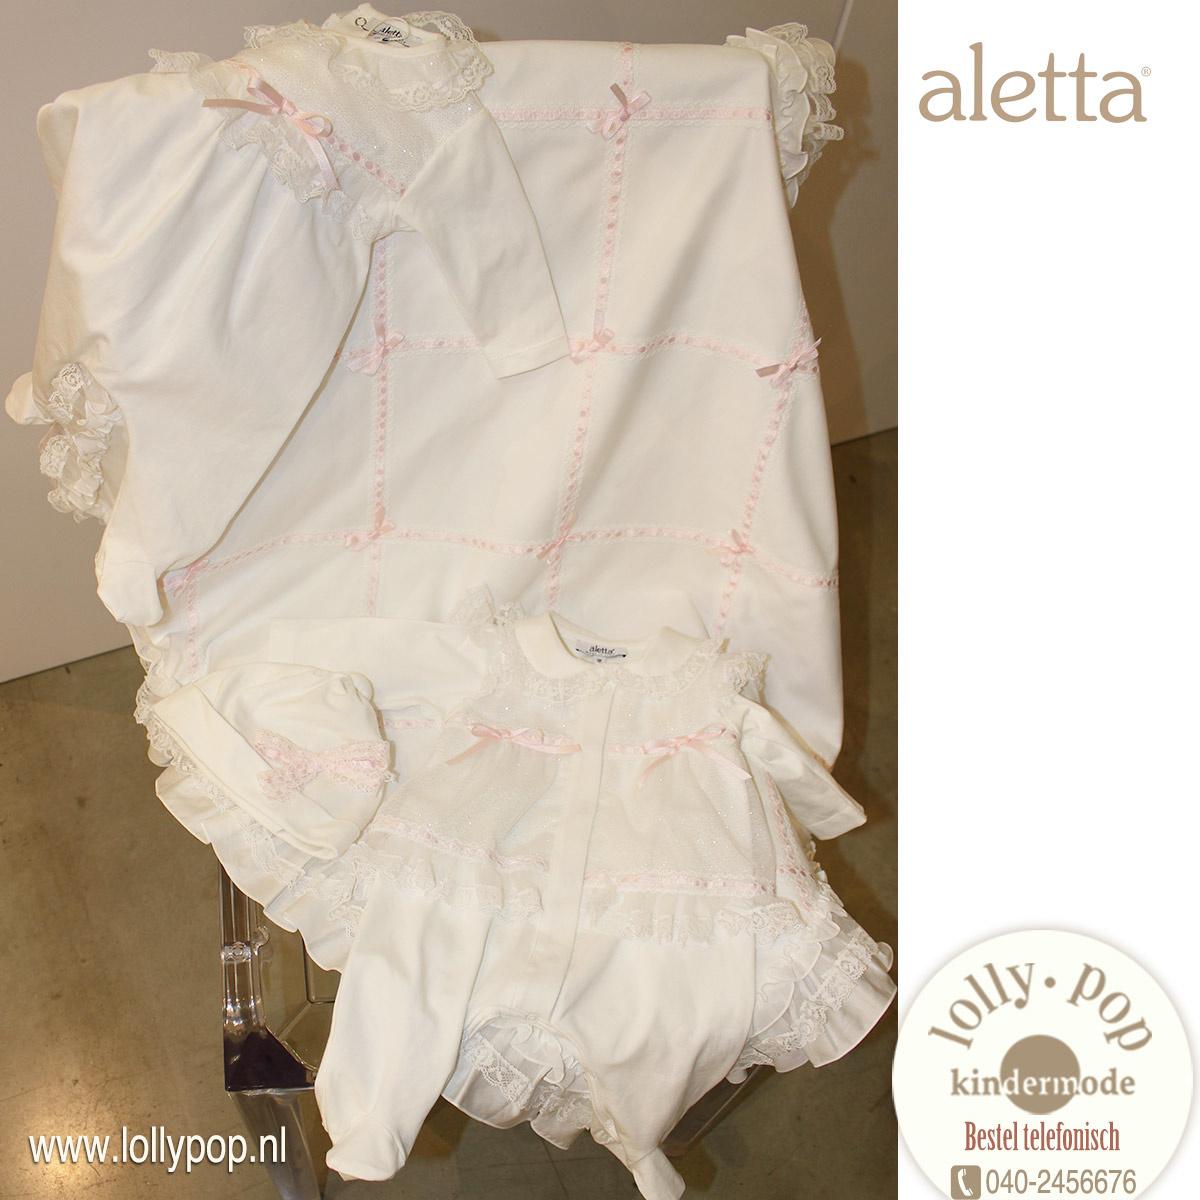 Aletta doopkleding bij Lolly Pop Kindermode